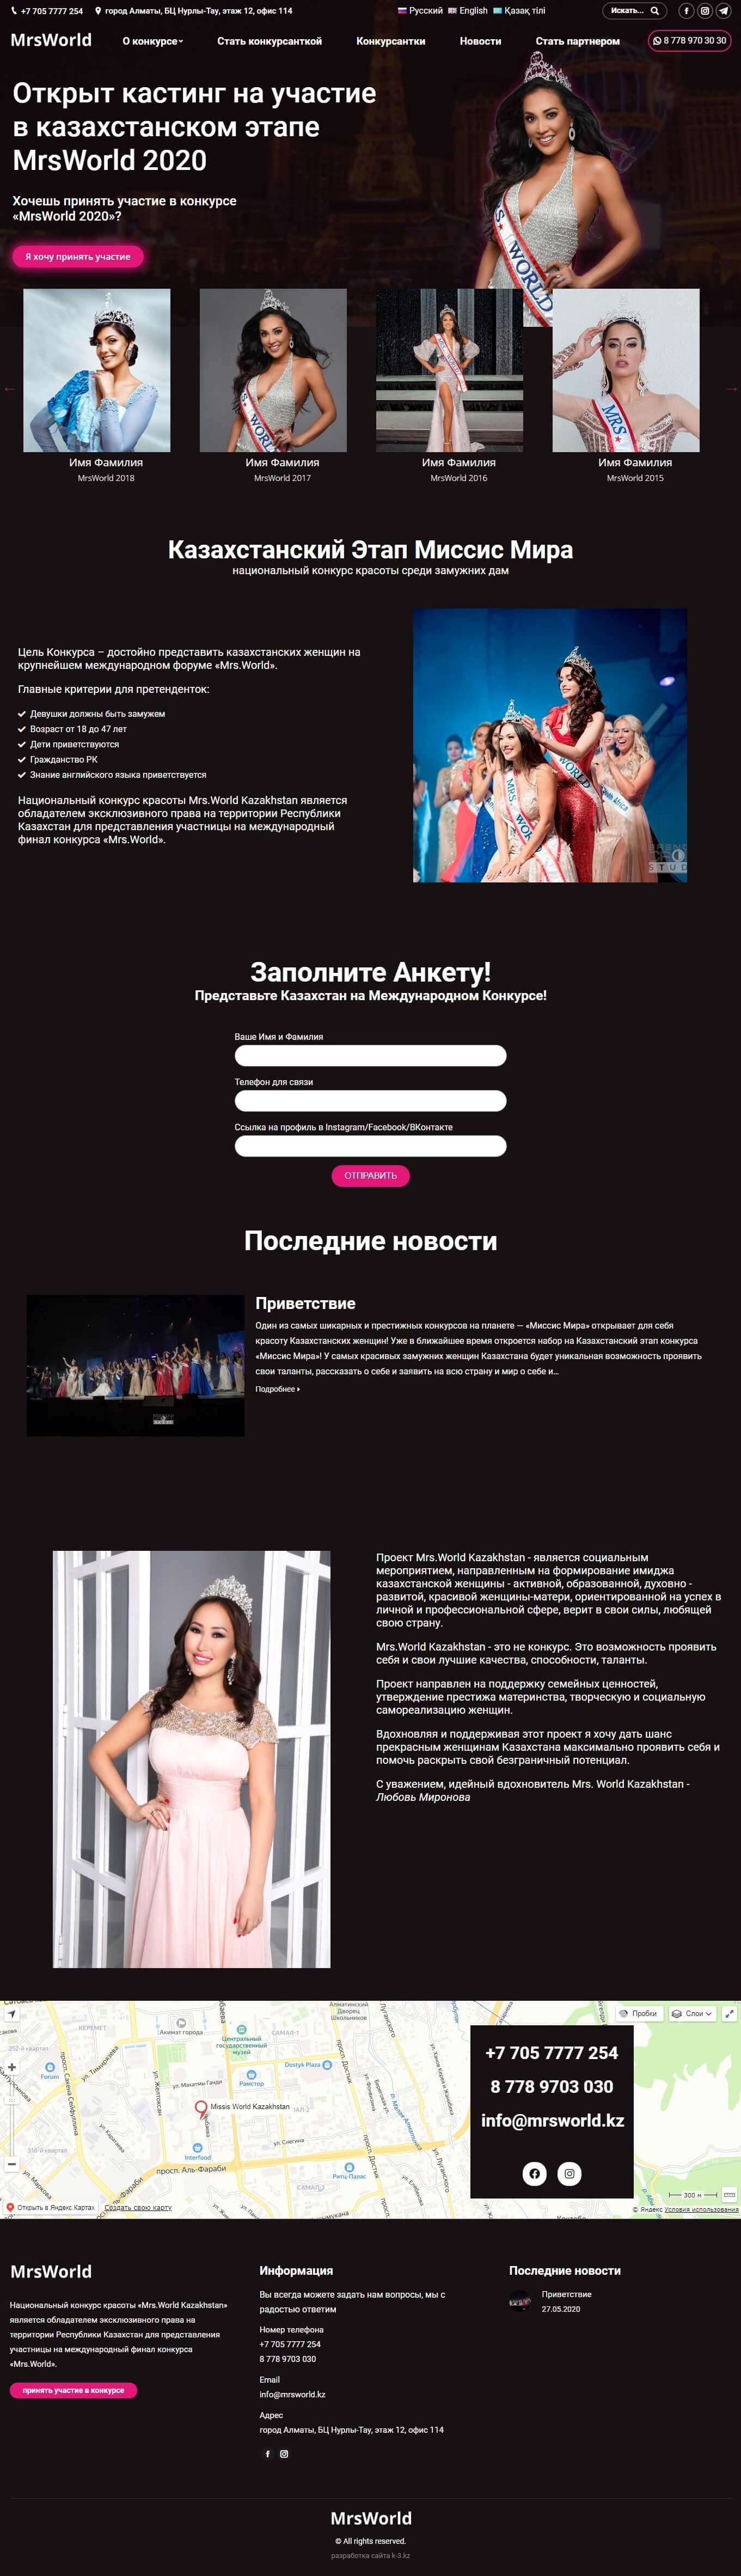 Разработан сайт для MrsWorld Казахстан